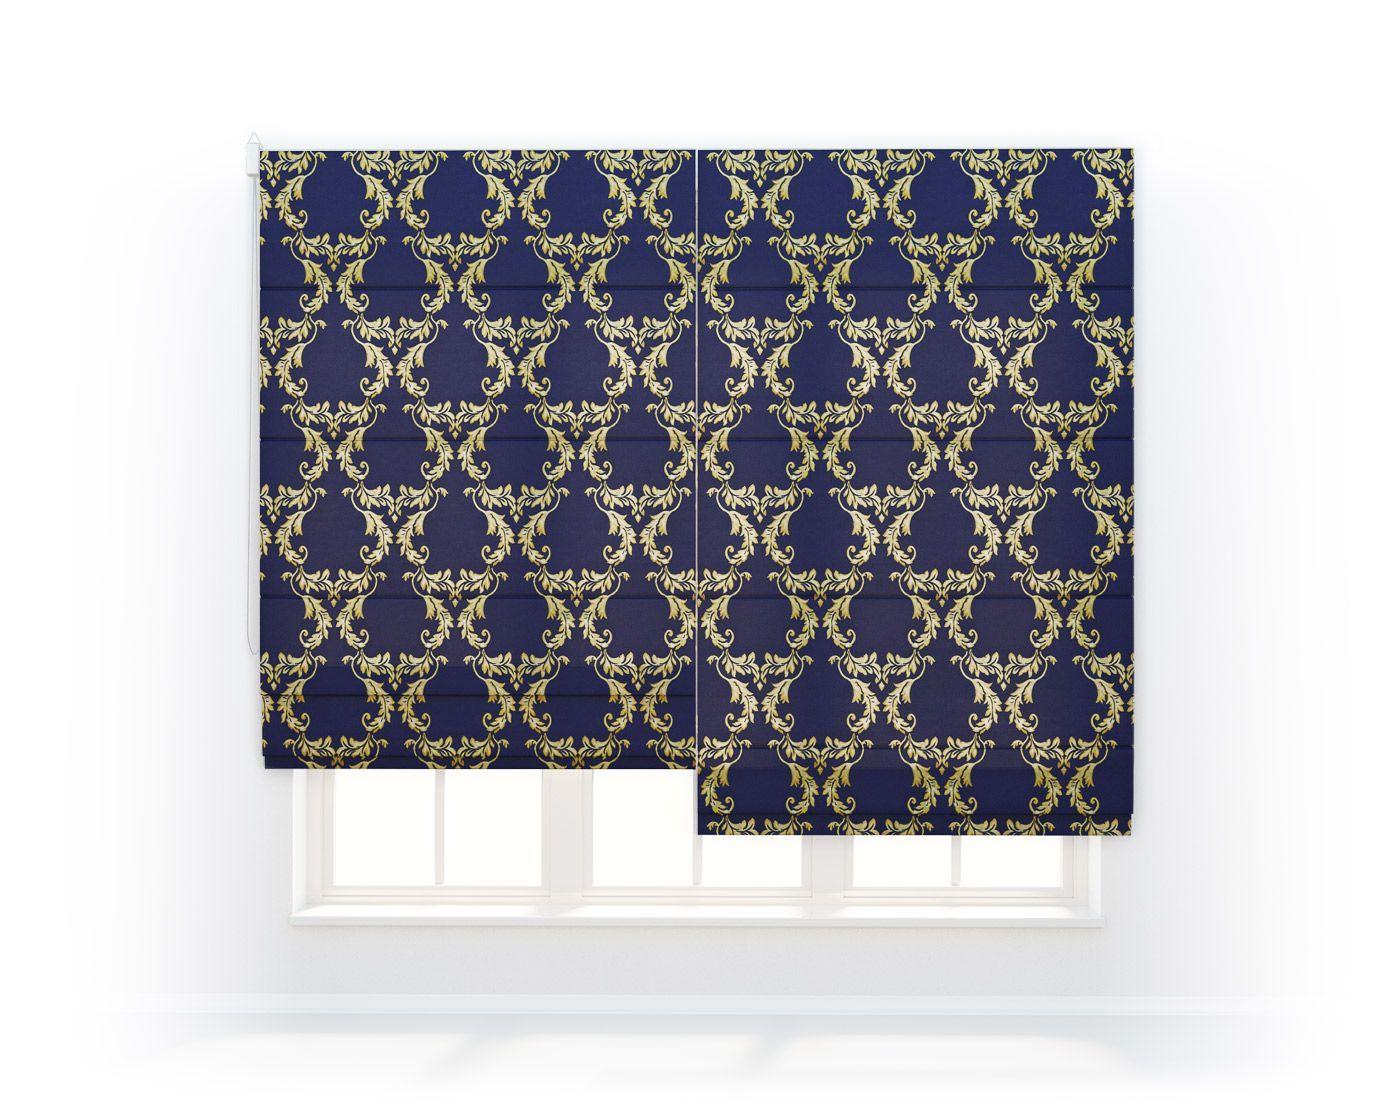 Римские шторы Louis D'or, 2375/40